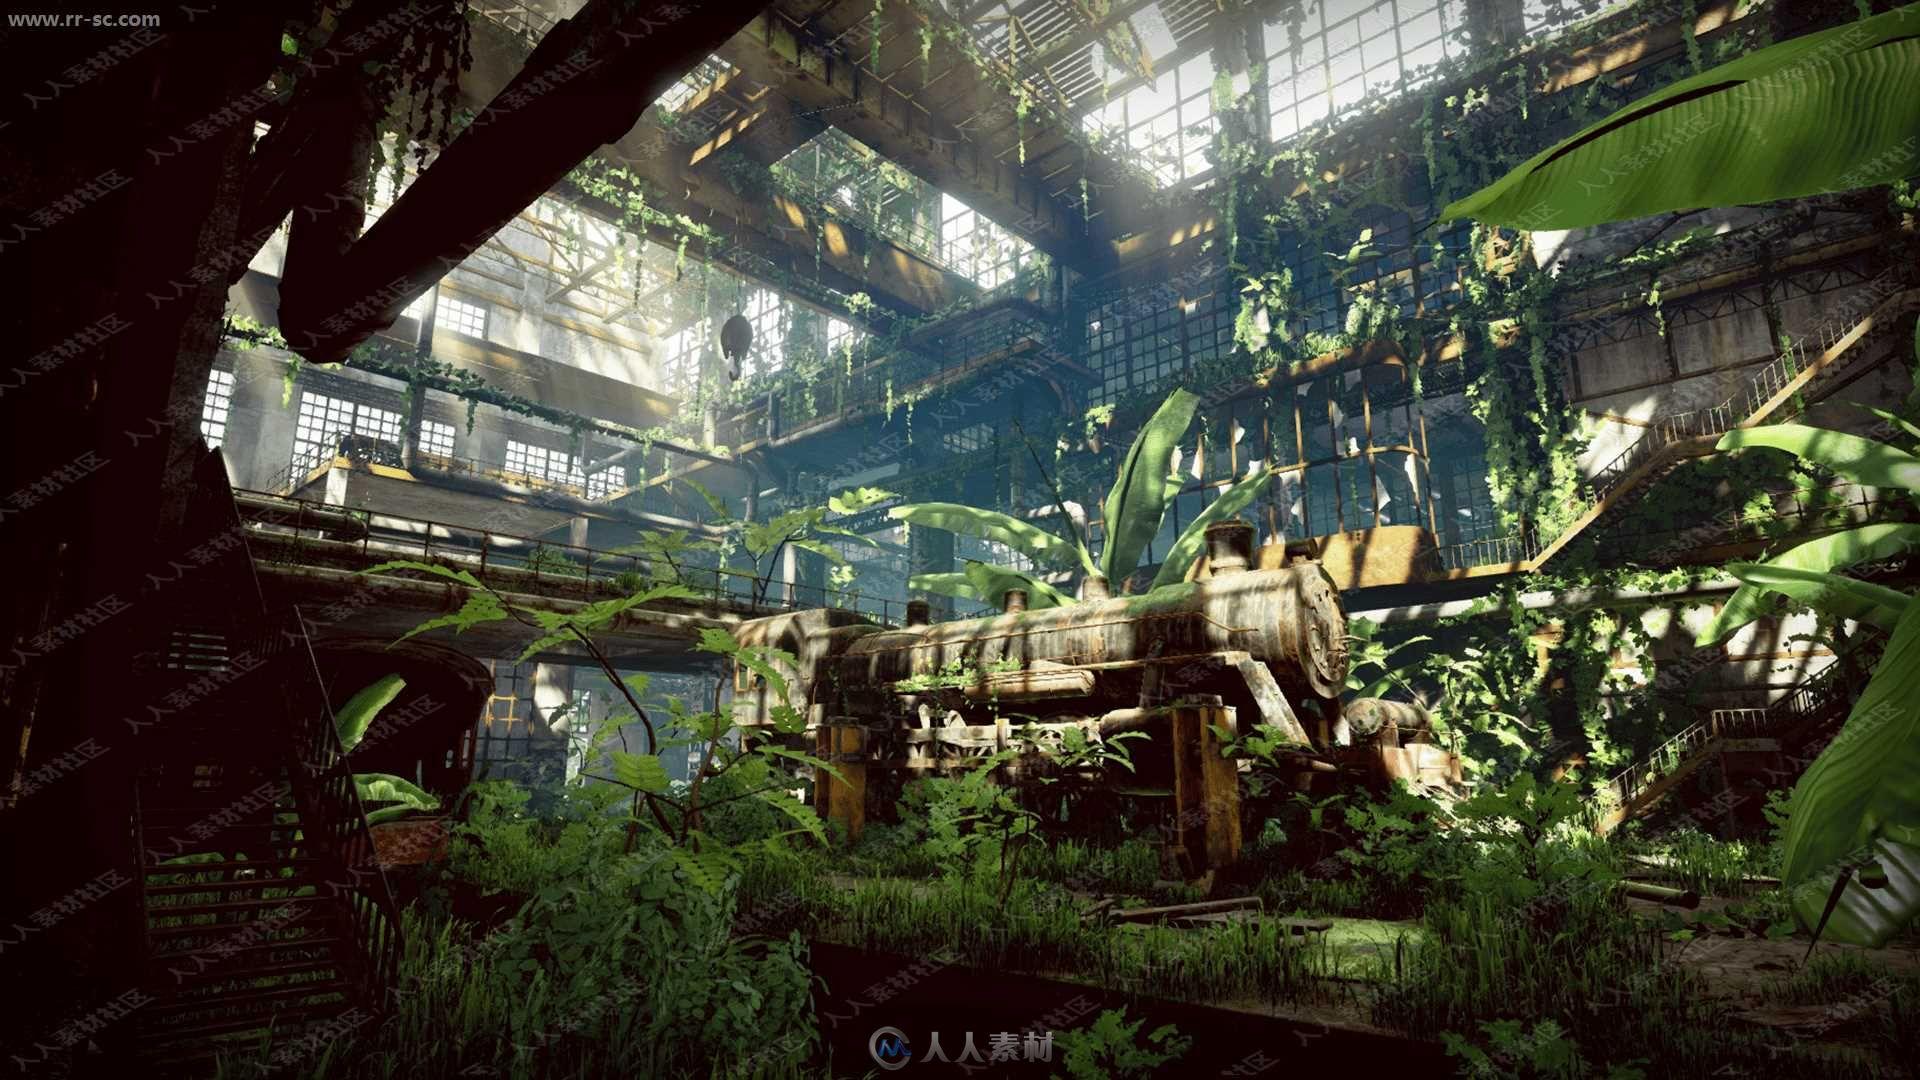 绿植荒废火车工厂车间整体环境UE4游戏素材资源